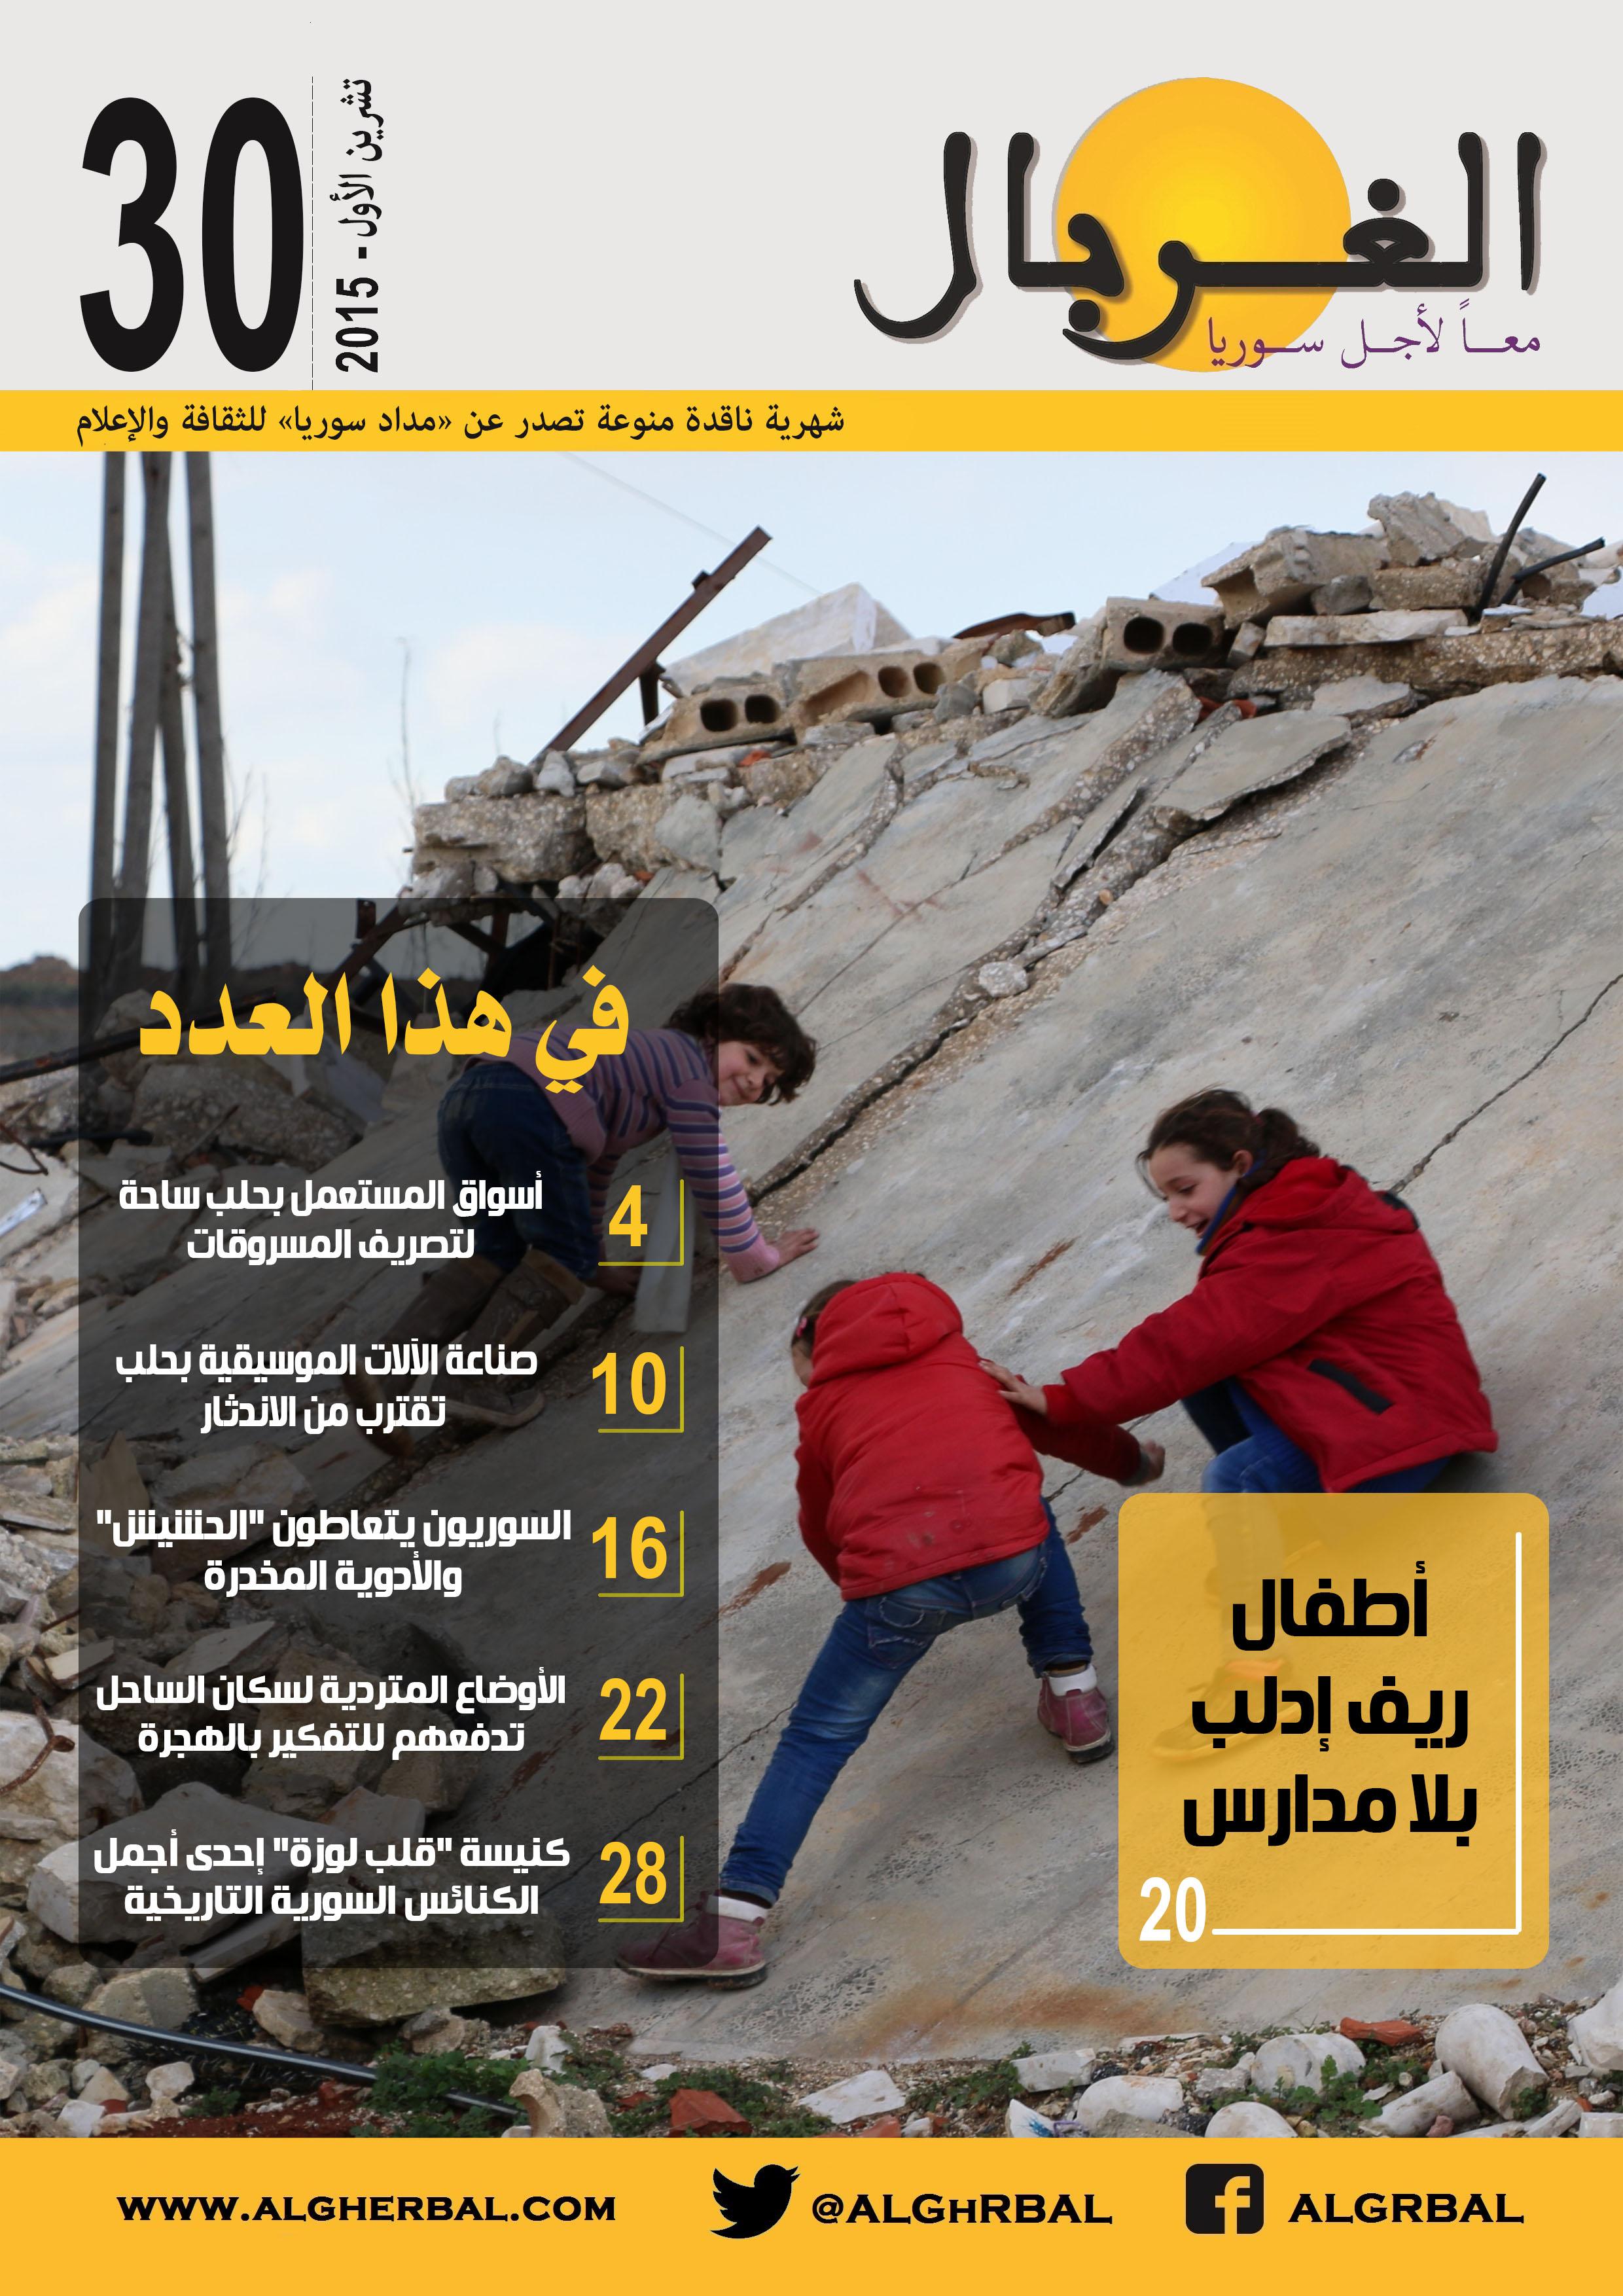 غلاف العدد 30  (2)